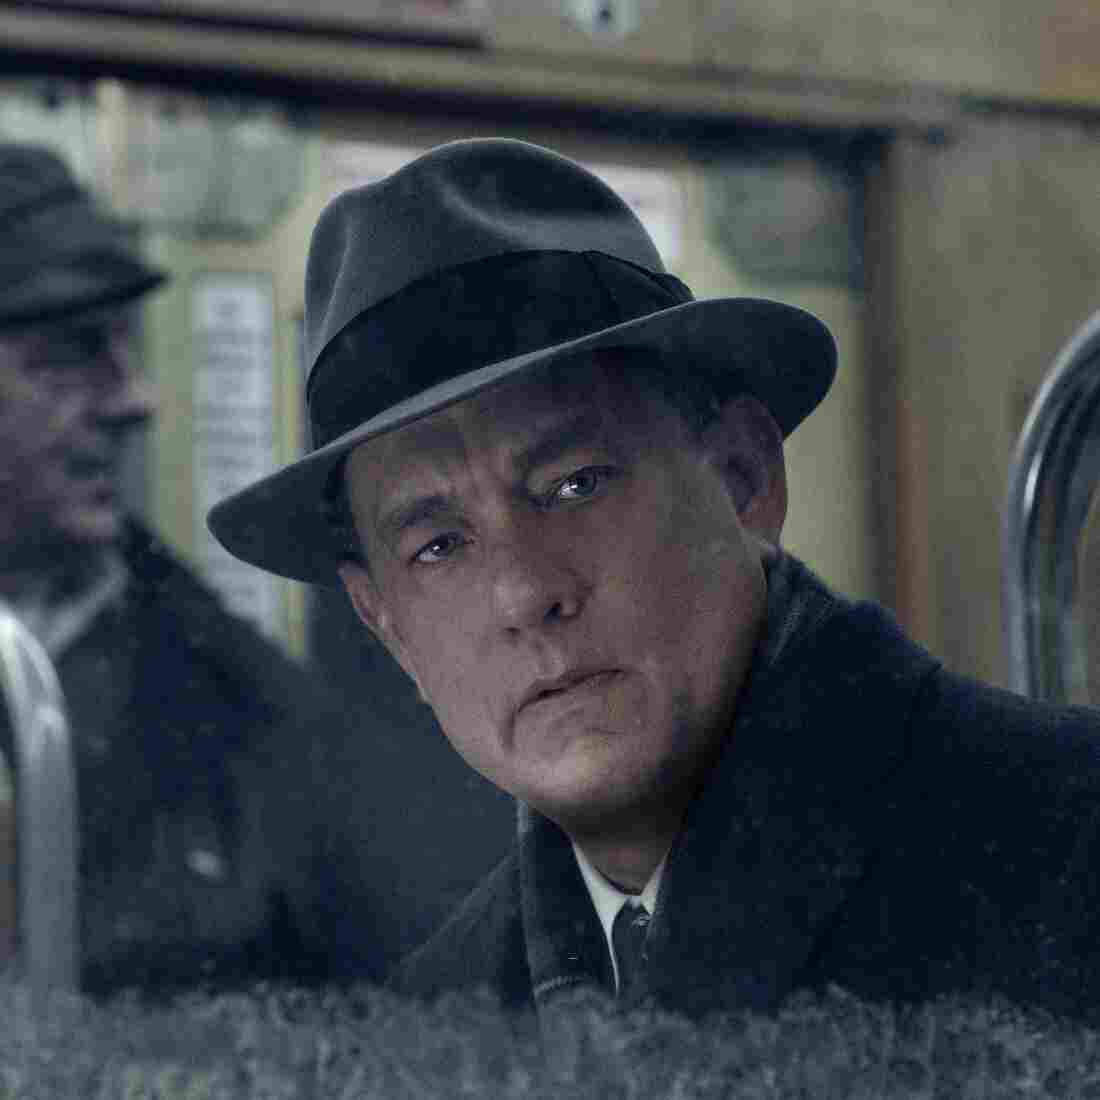 Tom Hanks as lawyer James Donovan in Bridge of Spies.